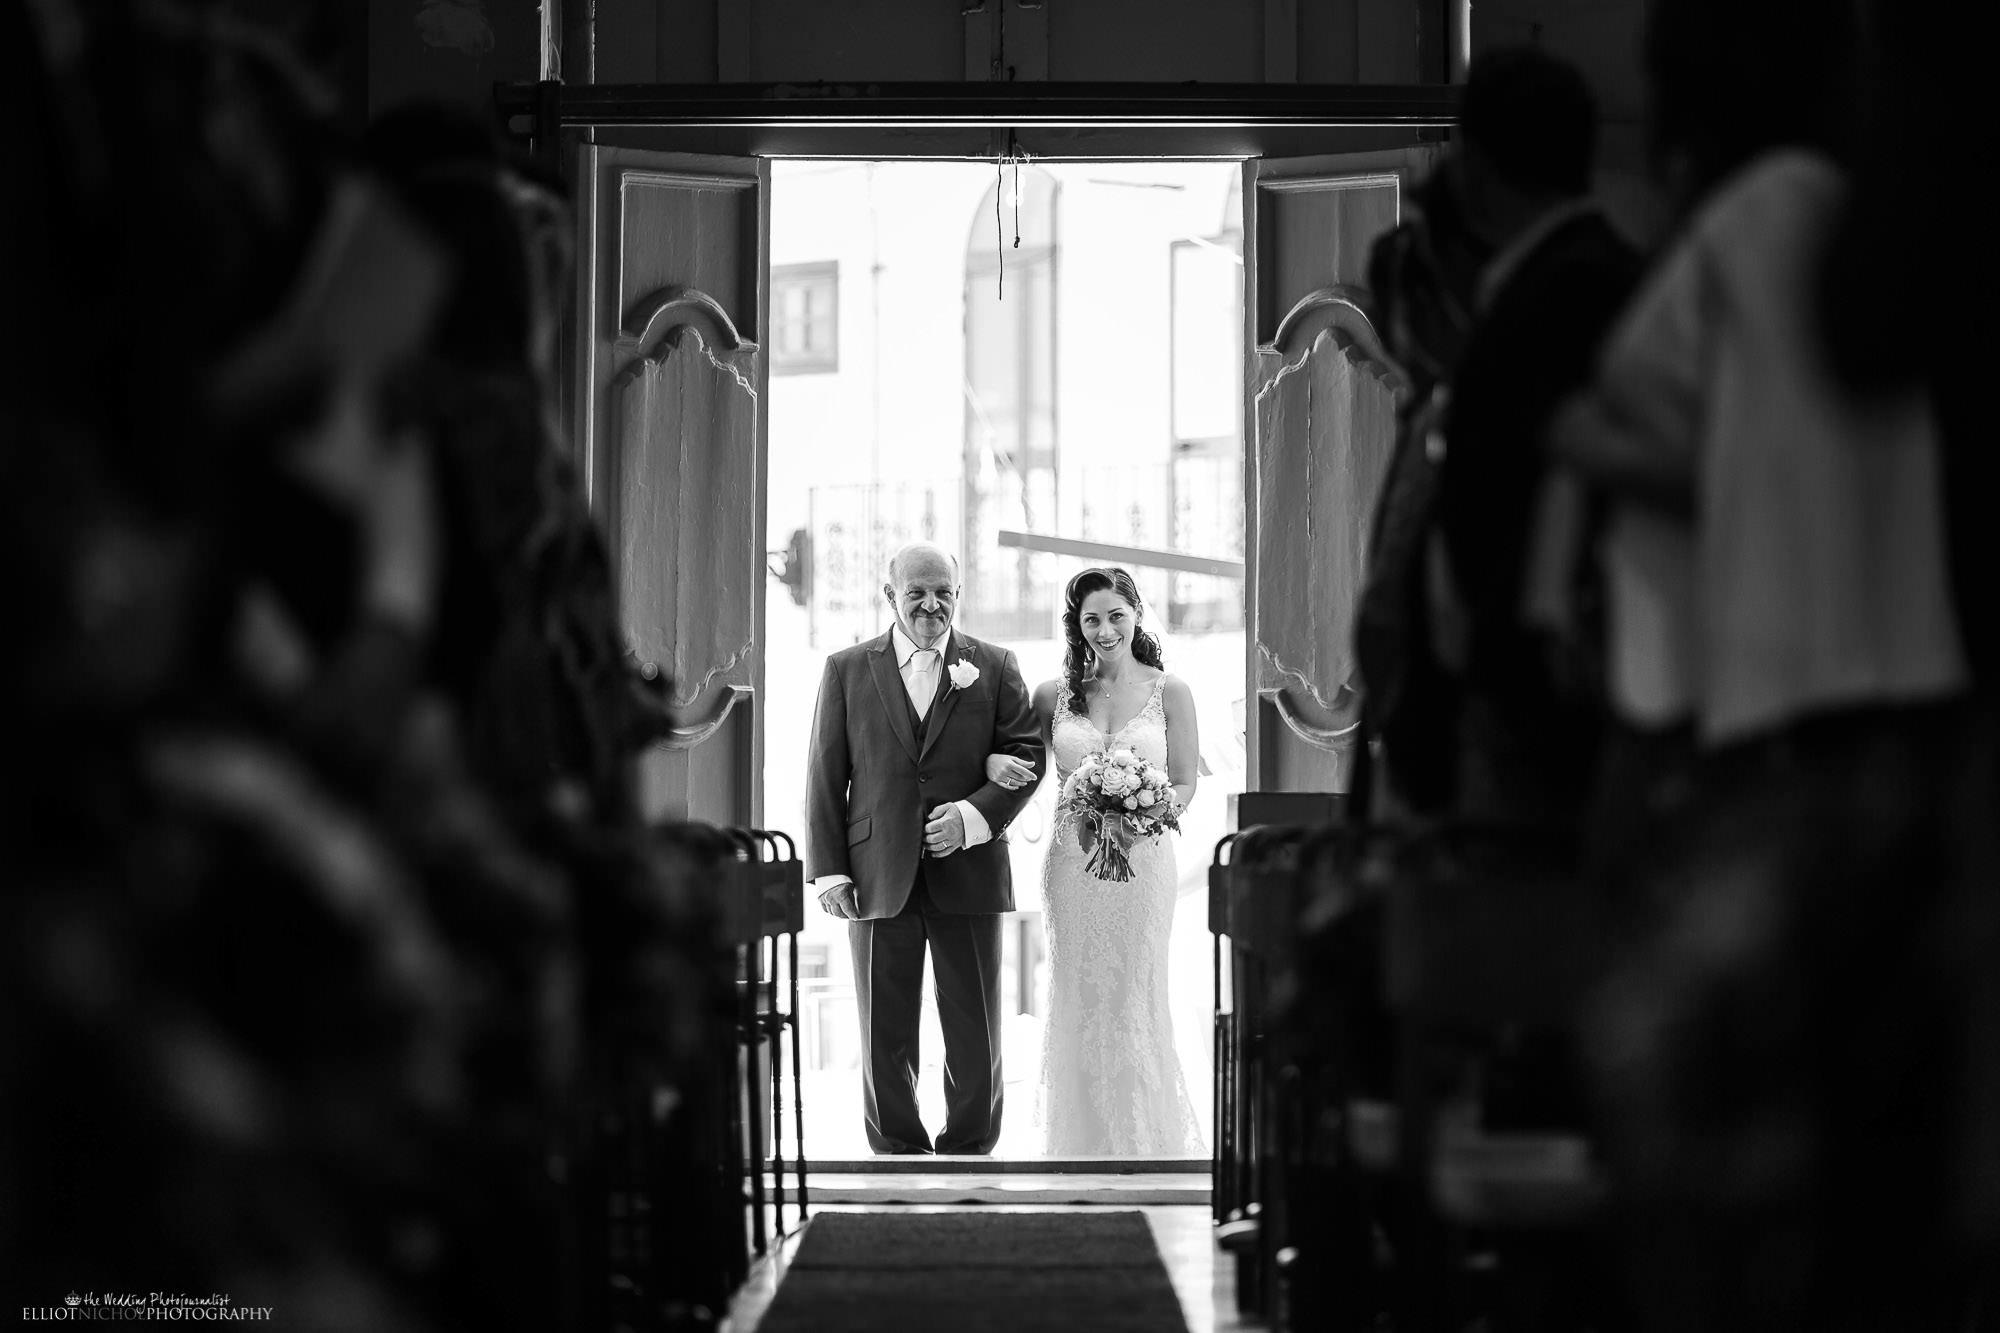 bride-father-church-entrance-wedding-photography